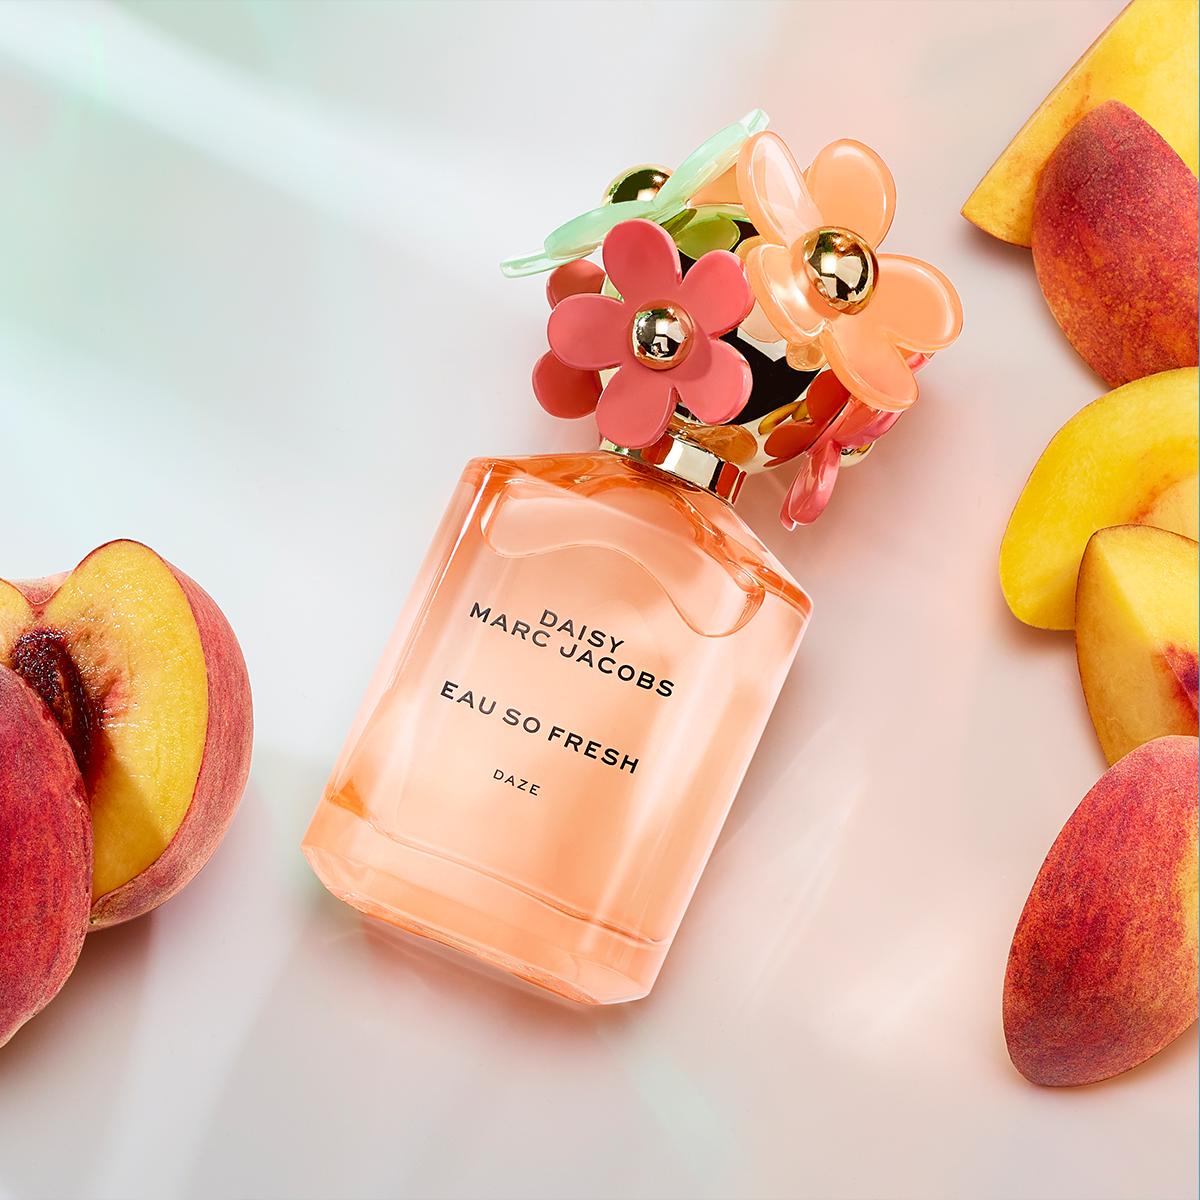 6 loại nước hoa ngọt ngào lại cực sang xịn, diện đi chơi Valentine thì chuẩn không cần chỉnh - Ảnh 7.